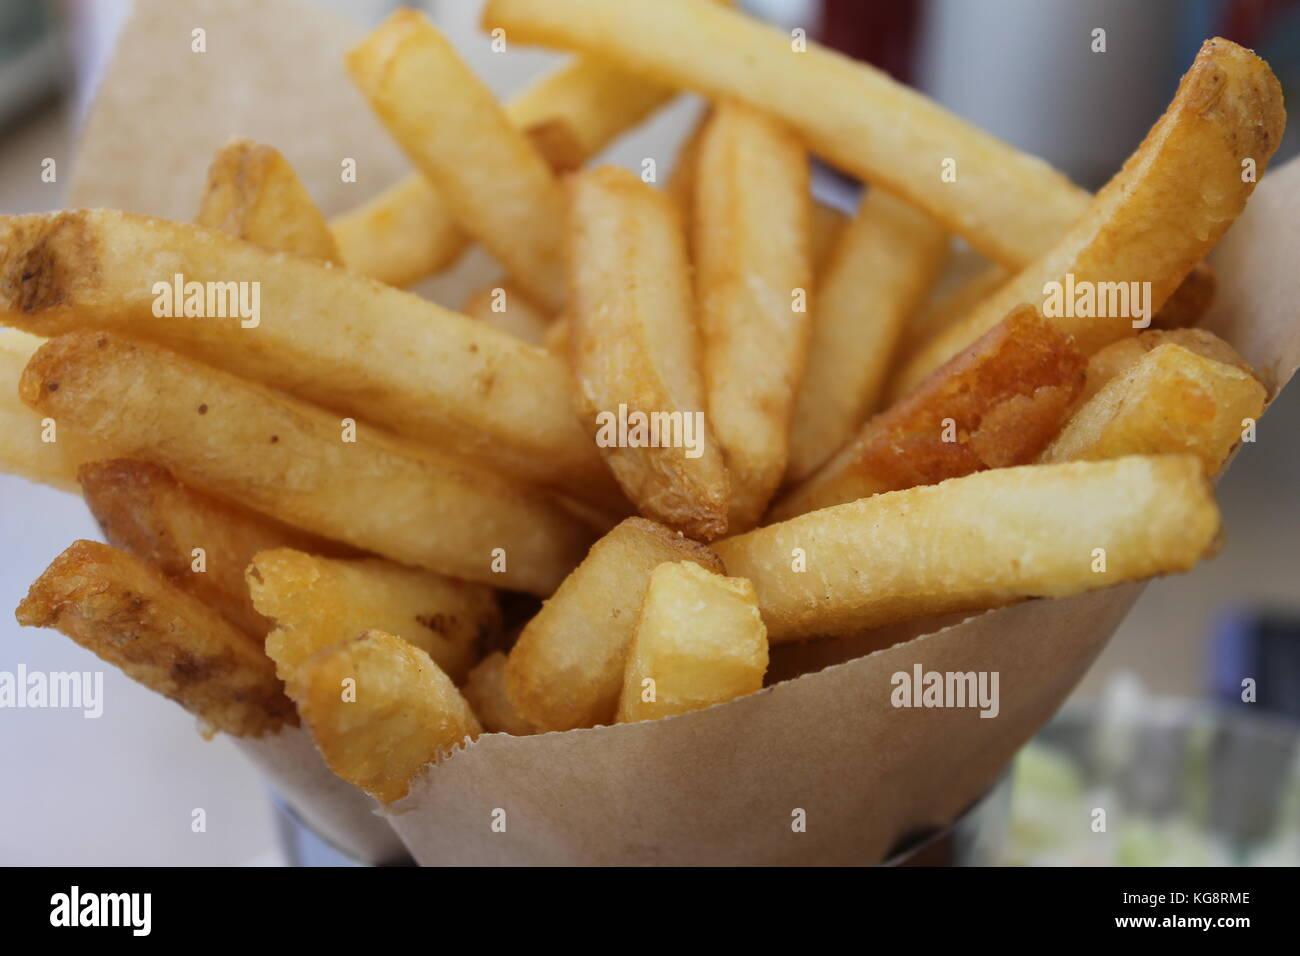 Patatas fritas recién cortadas en un cono de papel marrón Foto de stock